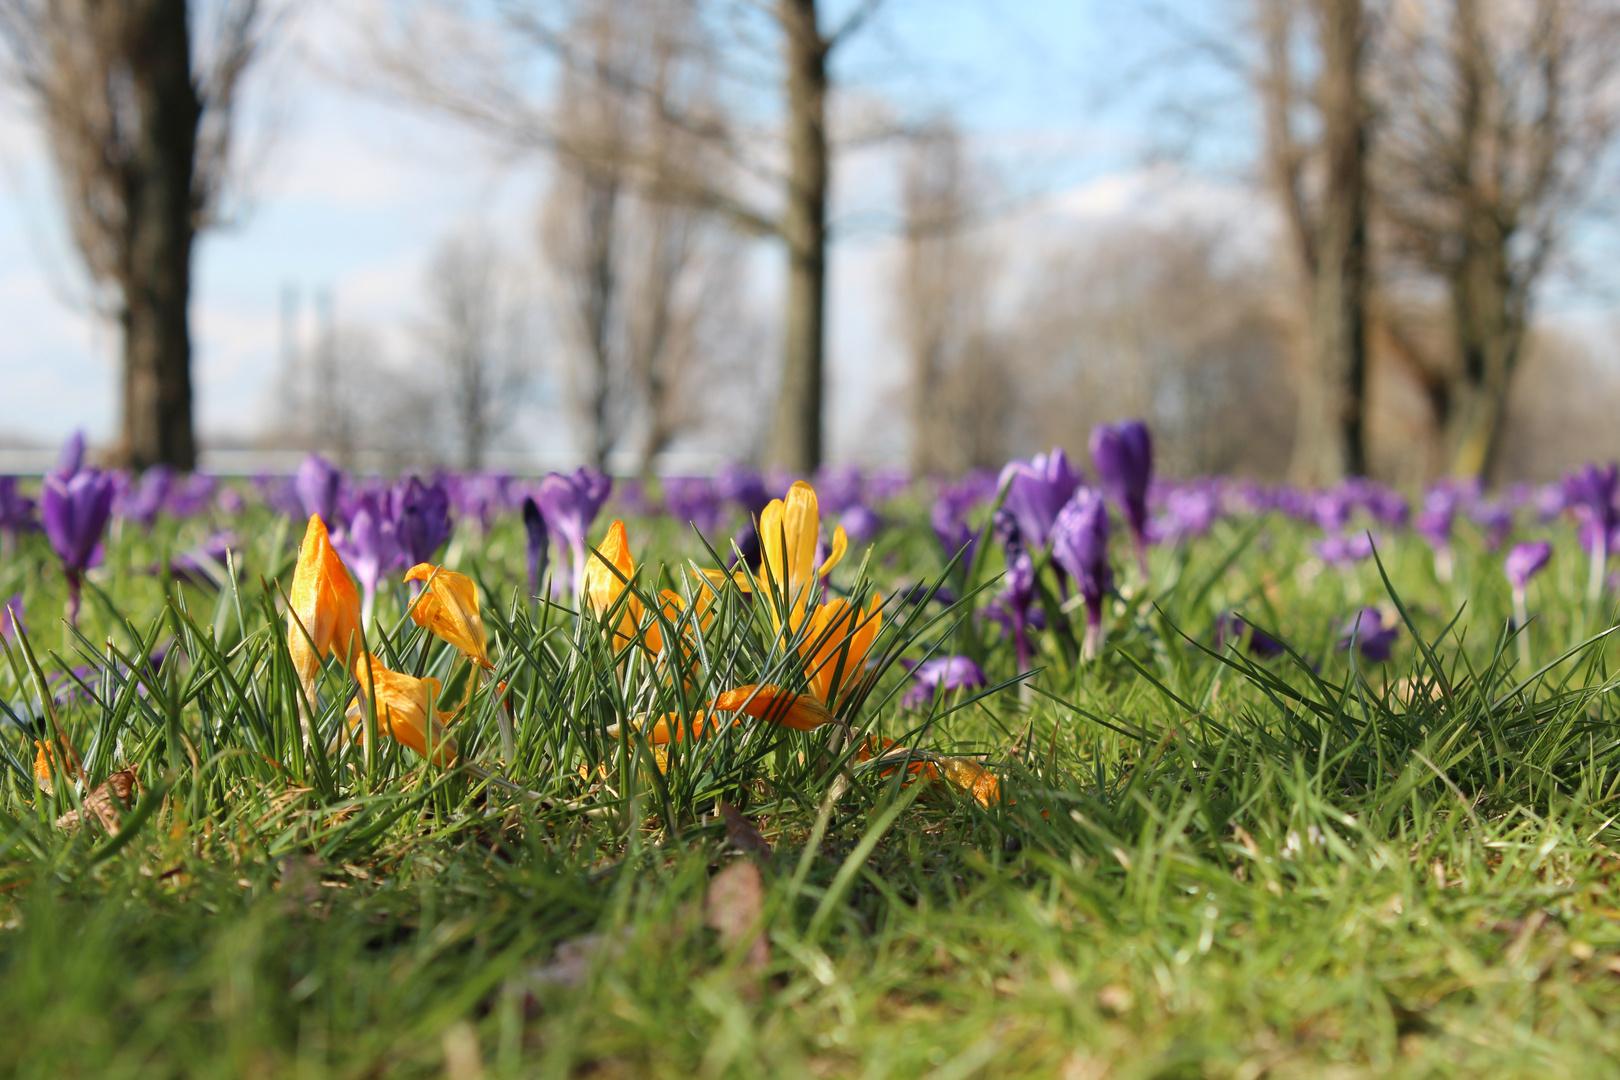 Sonntag Nachmittag war Frühling